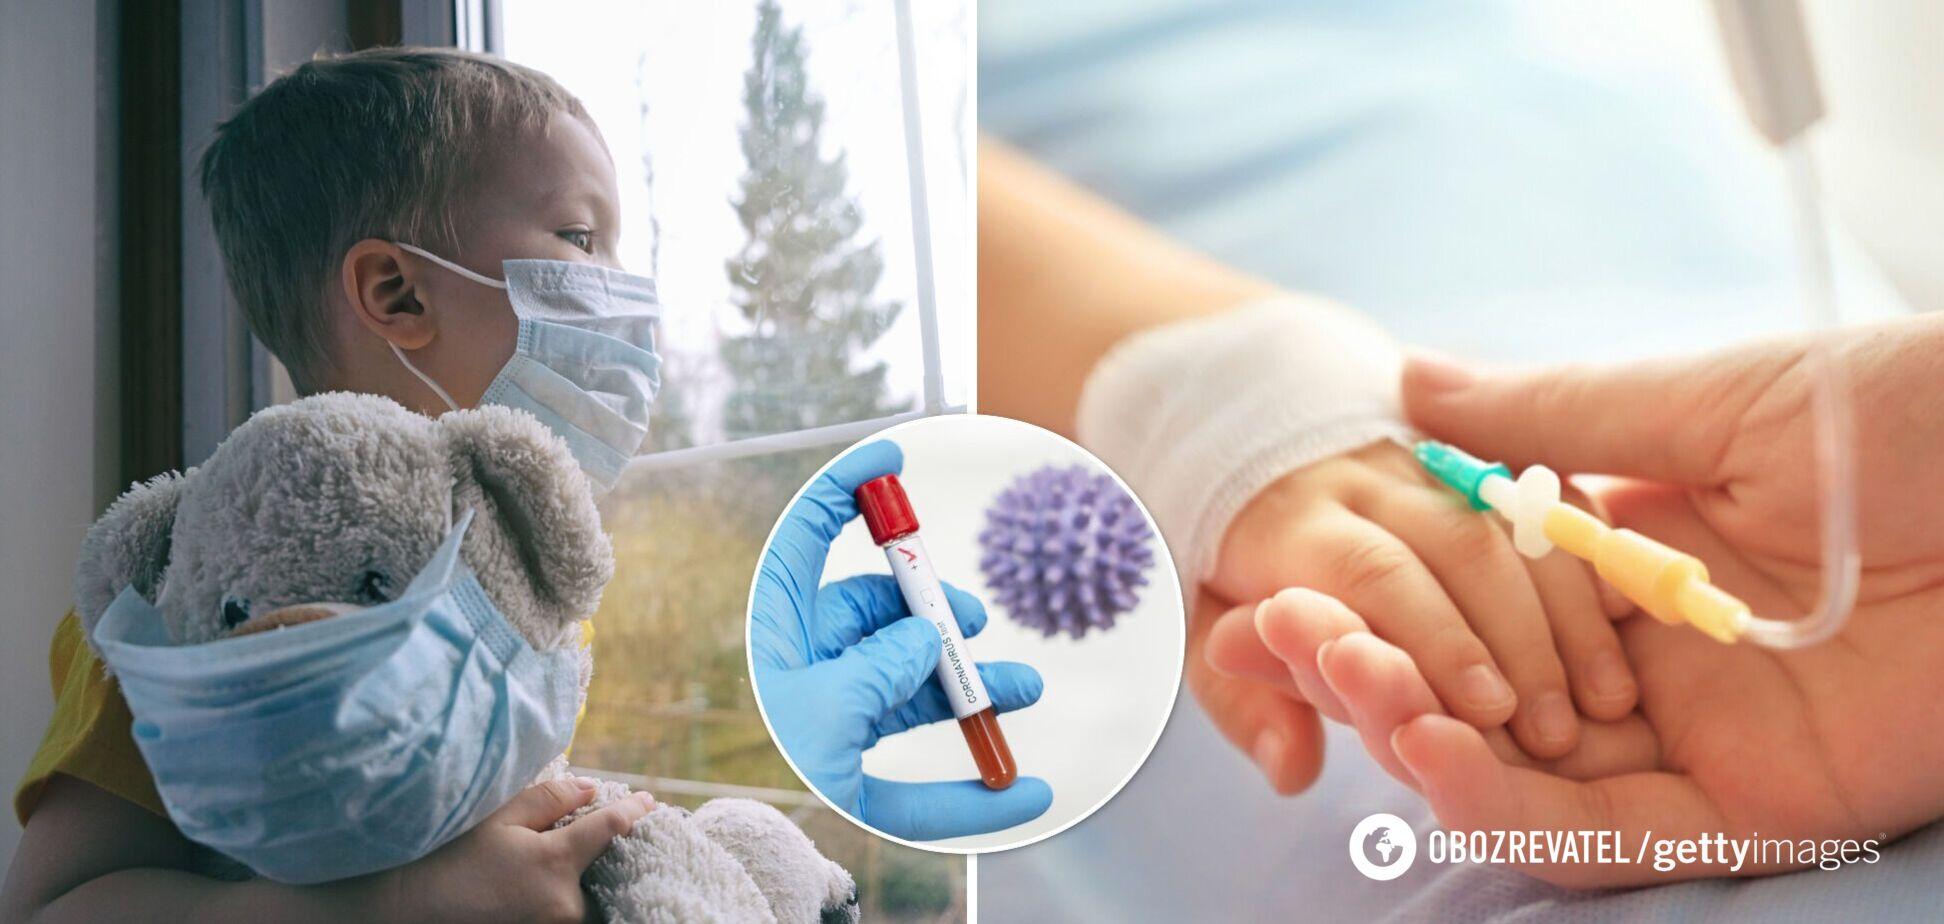 На Винниччине госпитализировали мальчика, который перестал говорить и ходить после COVID-19